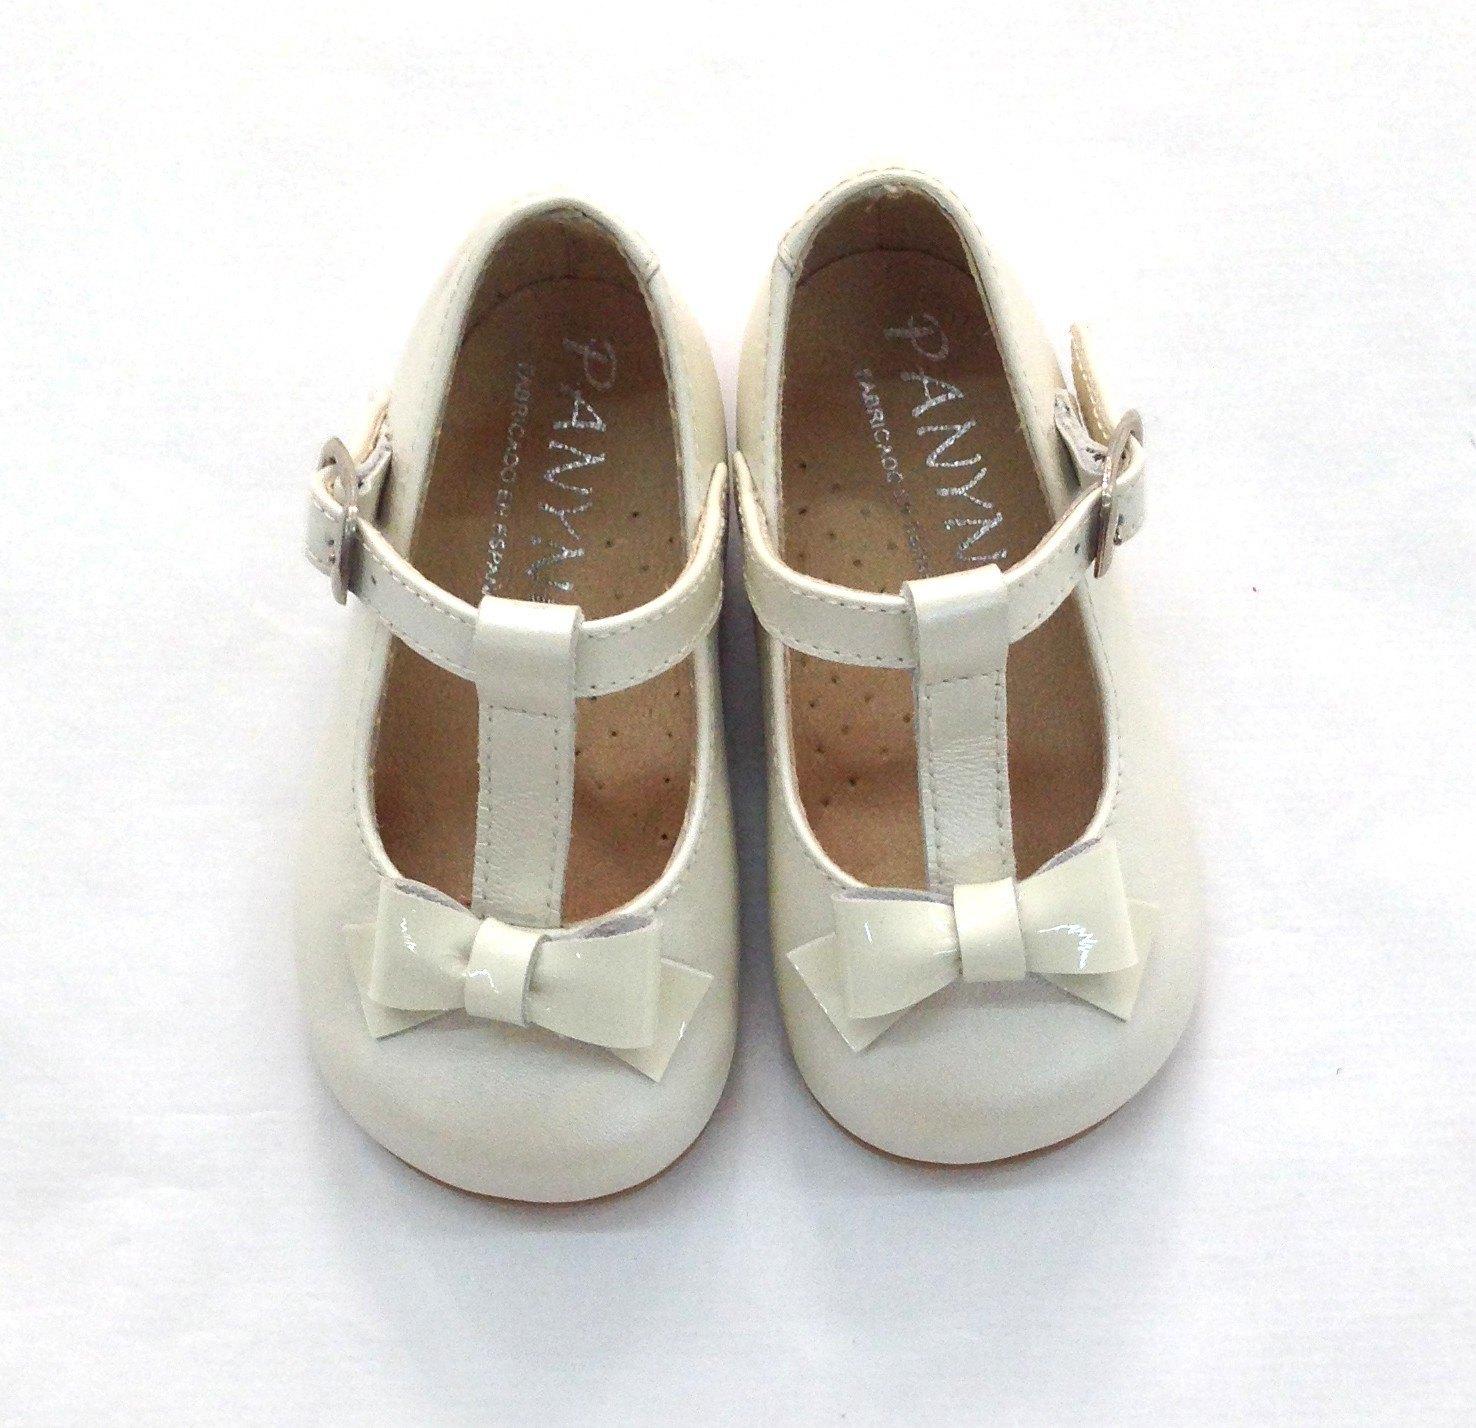 755fa0ce Zapato nacar beige - Arca Boutique Infantil-Juvenil